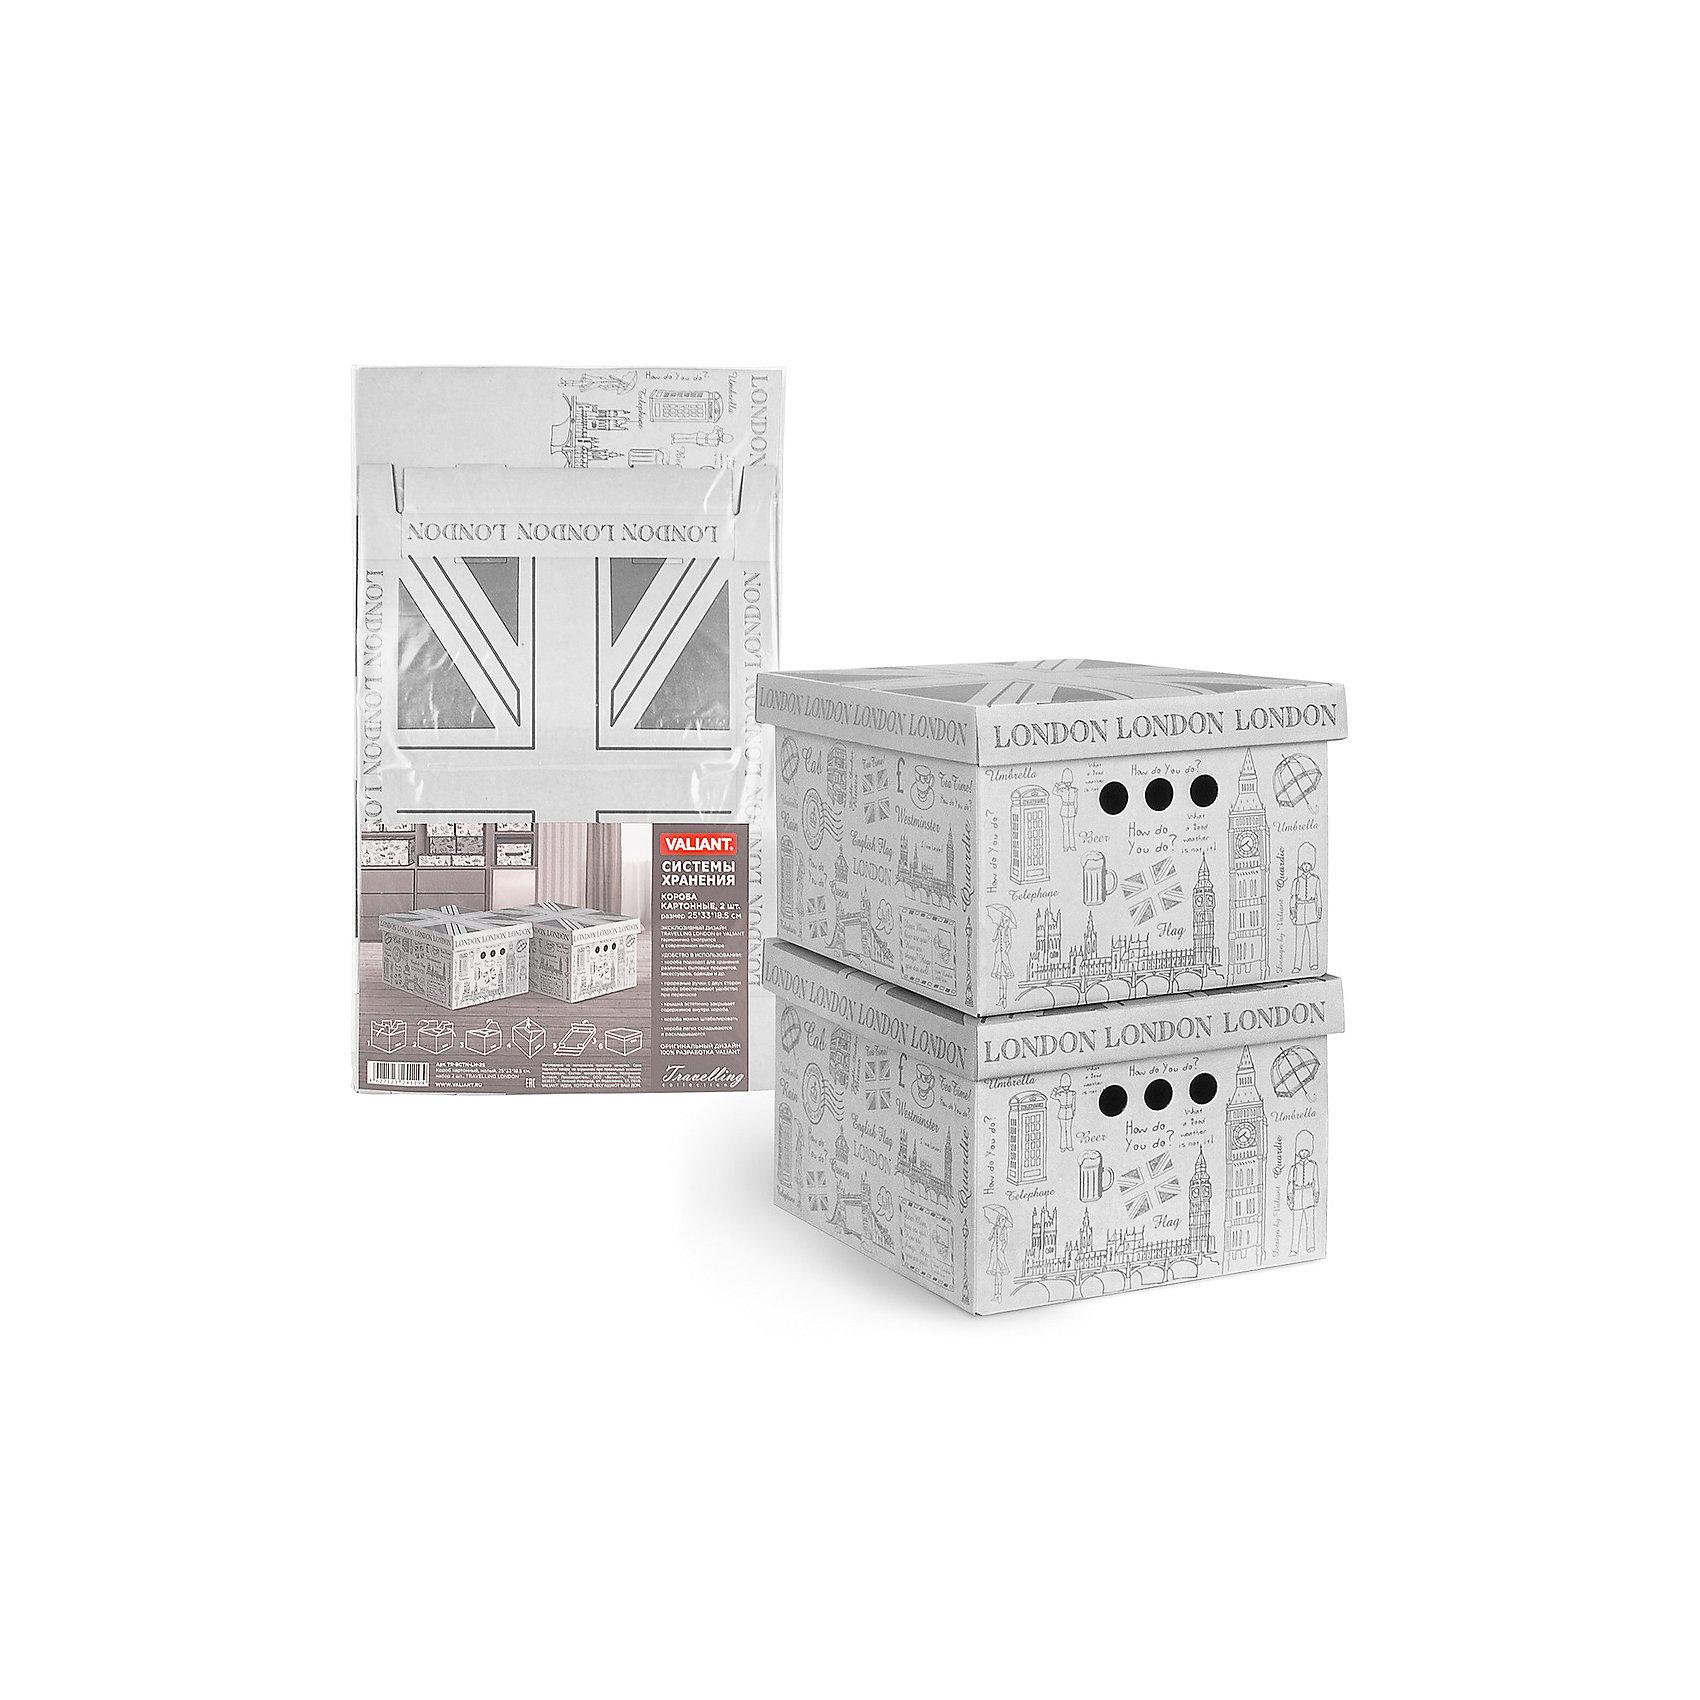 Короб для хранения TRAVELLING LONDON , 25*33*18.5 см, 2 шт., VALIANTВанная комната<br>Короба подходят для хранения различных бытовых предметов, аксессуаров, одежды и пр.Прорезные ручки с двух сторон короба обеспечивают удобство при переноске. Специальный внутренний вкладыш эстетично скрывает дно коробки.<br><br>Ширина мм: 610<br>Глубина мм: 20<br>Высота мм: 360<br>Вес г: 400<br>Возраст от месяцев: 36<br>Возраст до месяцев: 216<br>Пол: Унисекс<br>Возраст: Детский<br>SKU: 6868582